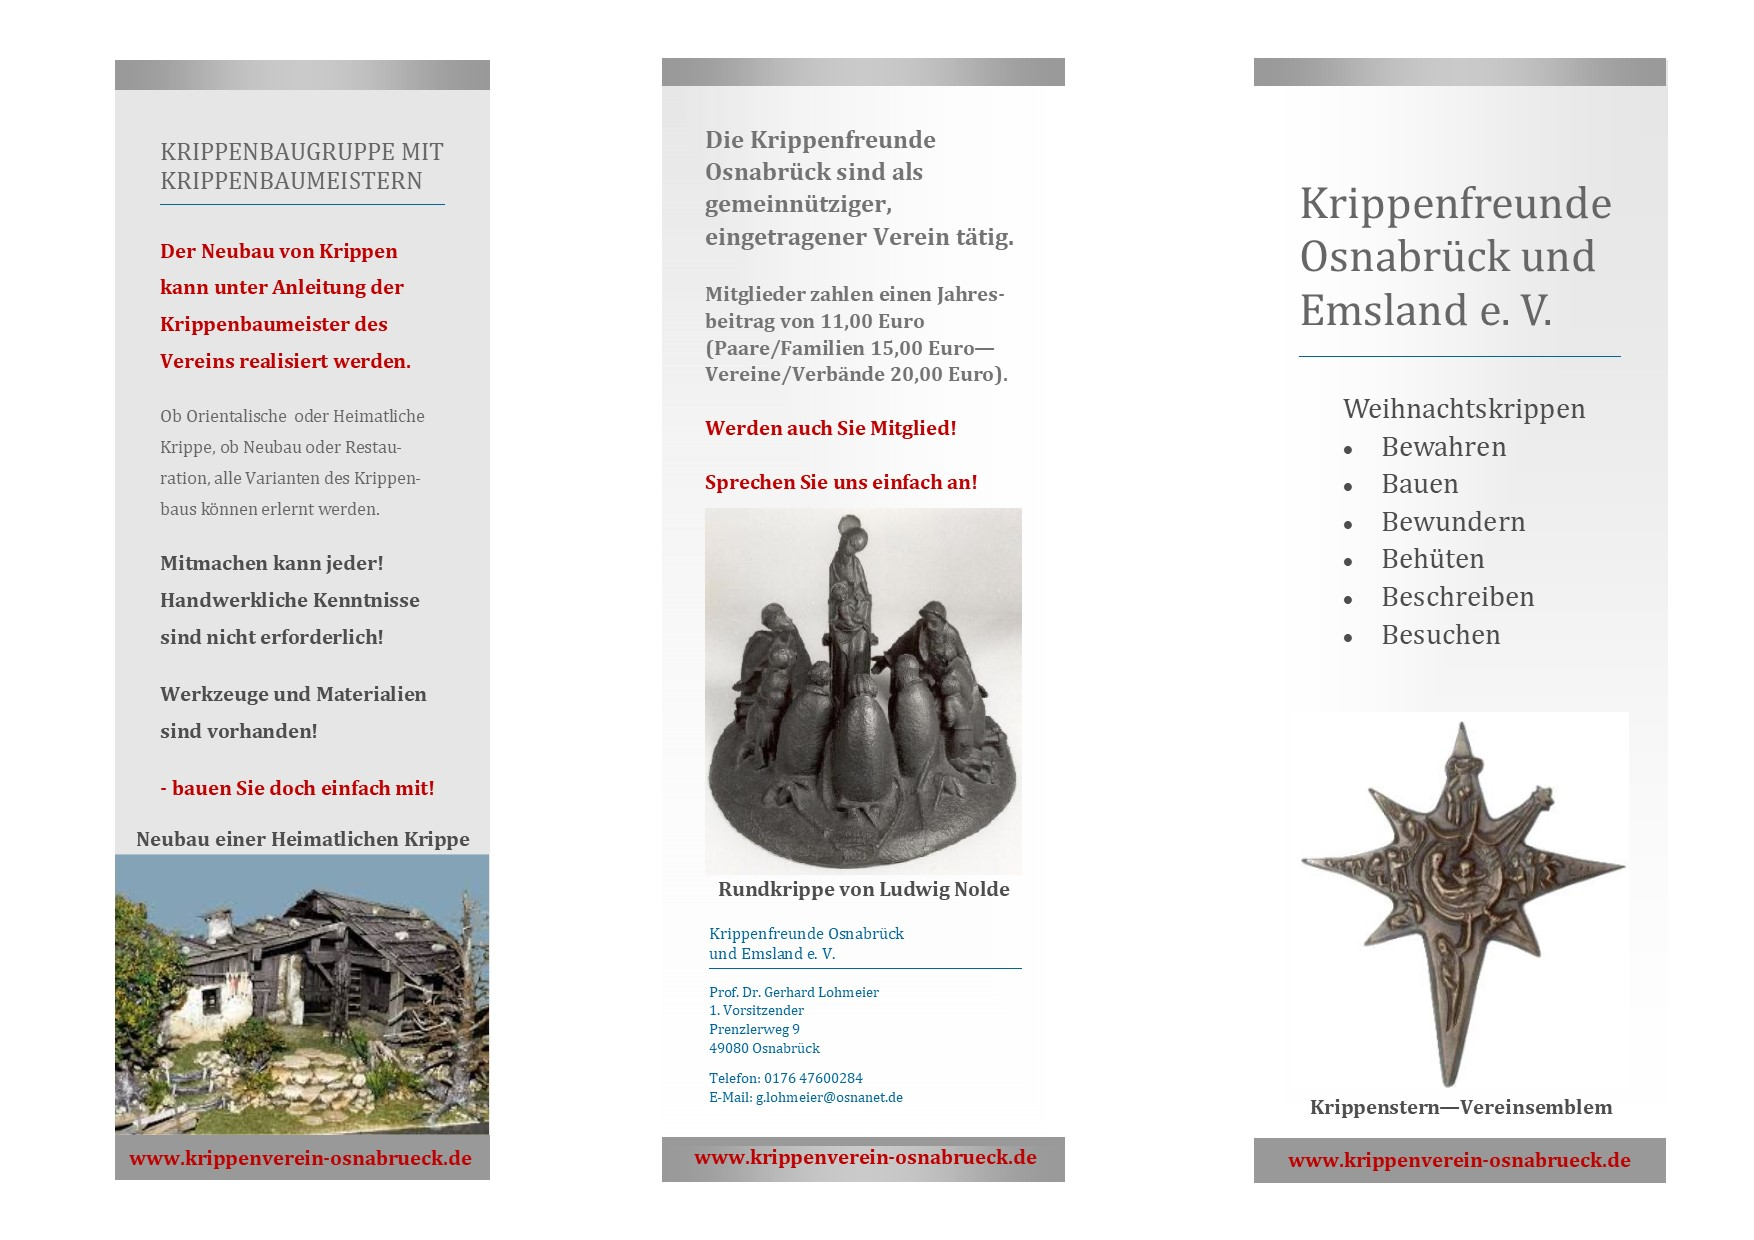 Krippenfreunde Osnabrück Krippenverein Krippenbau Krippe nativity Info Krippenbau Krippenkunst